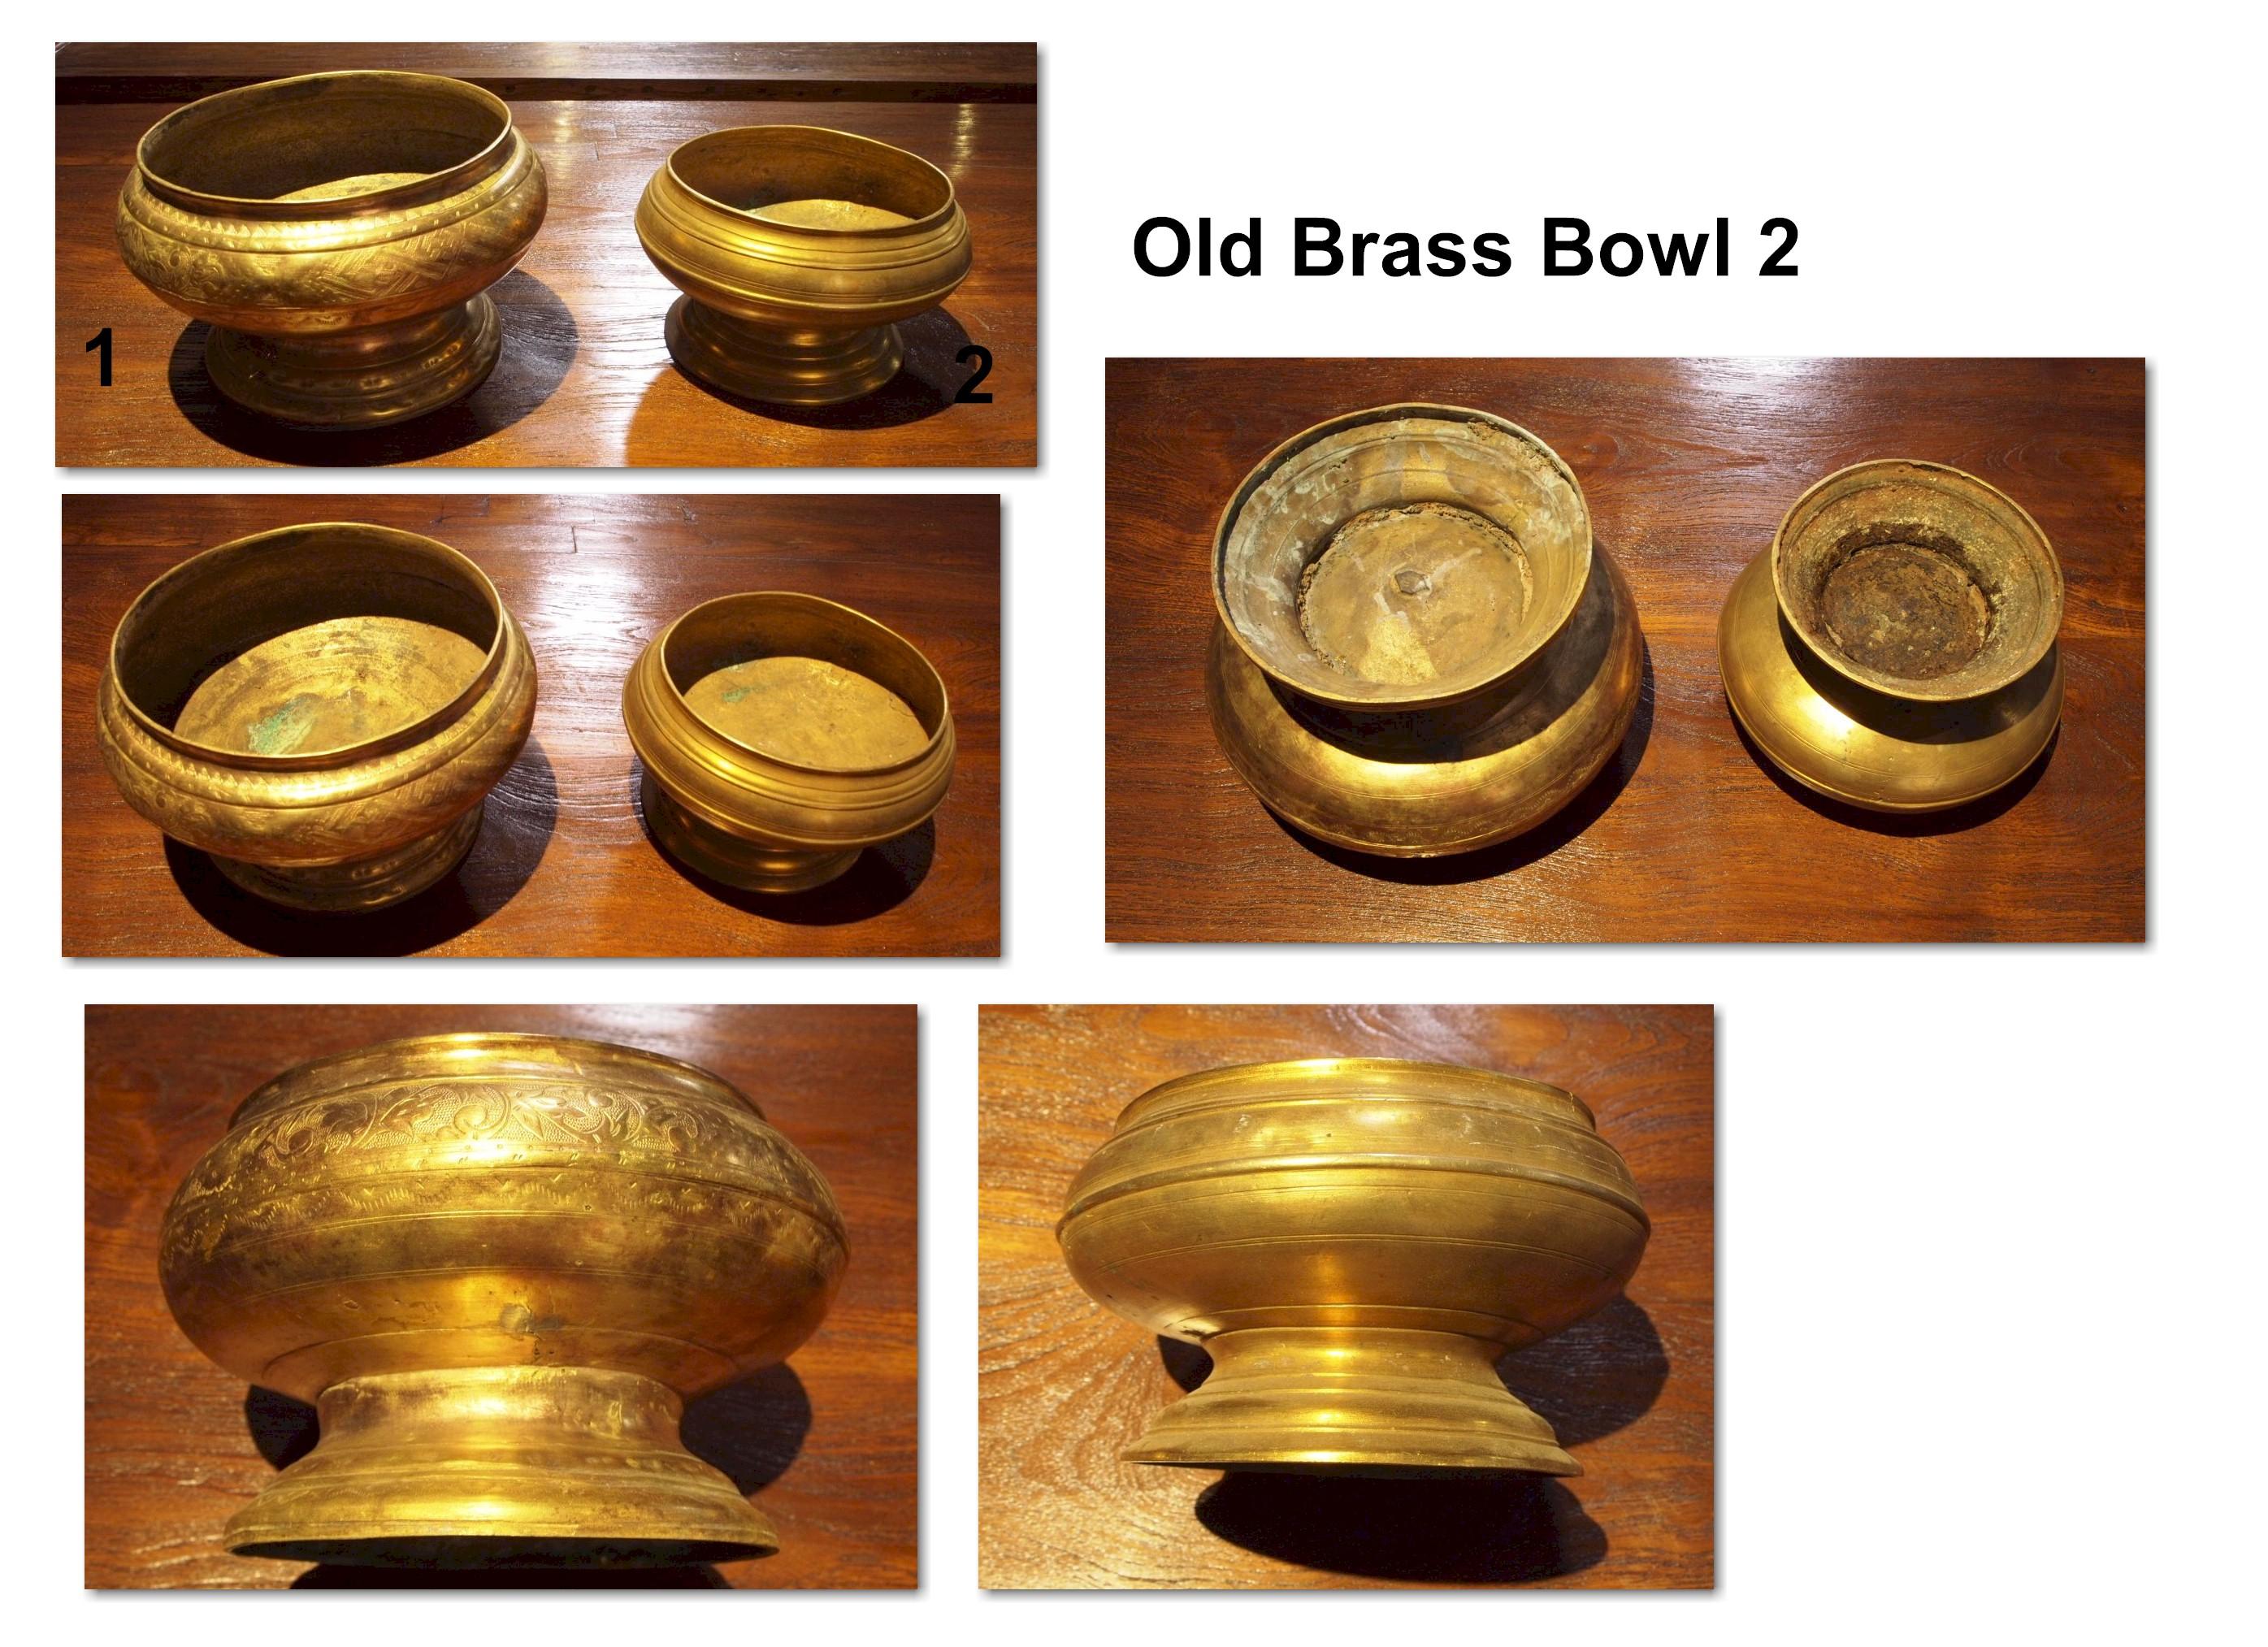 Old Brass Bowl 2